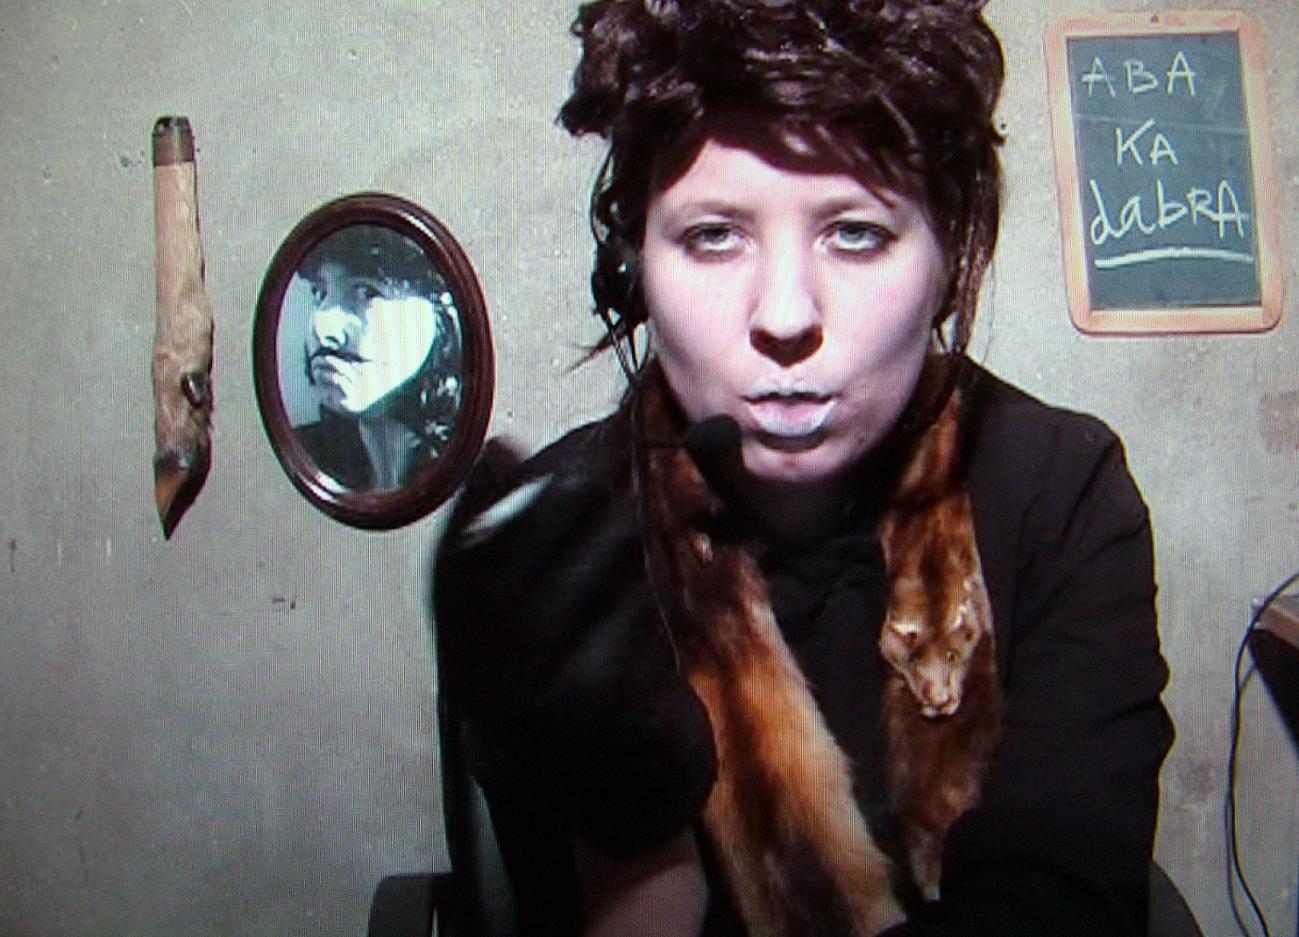 VIDEOS 2005 – 2009